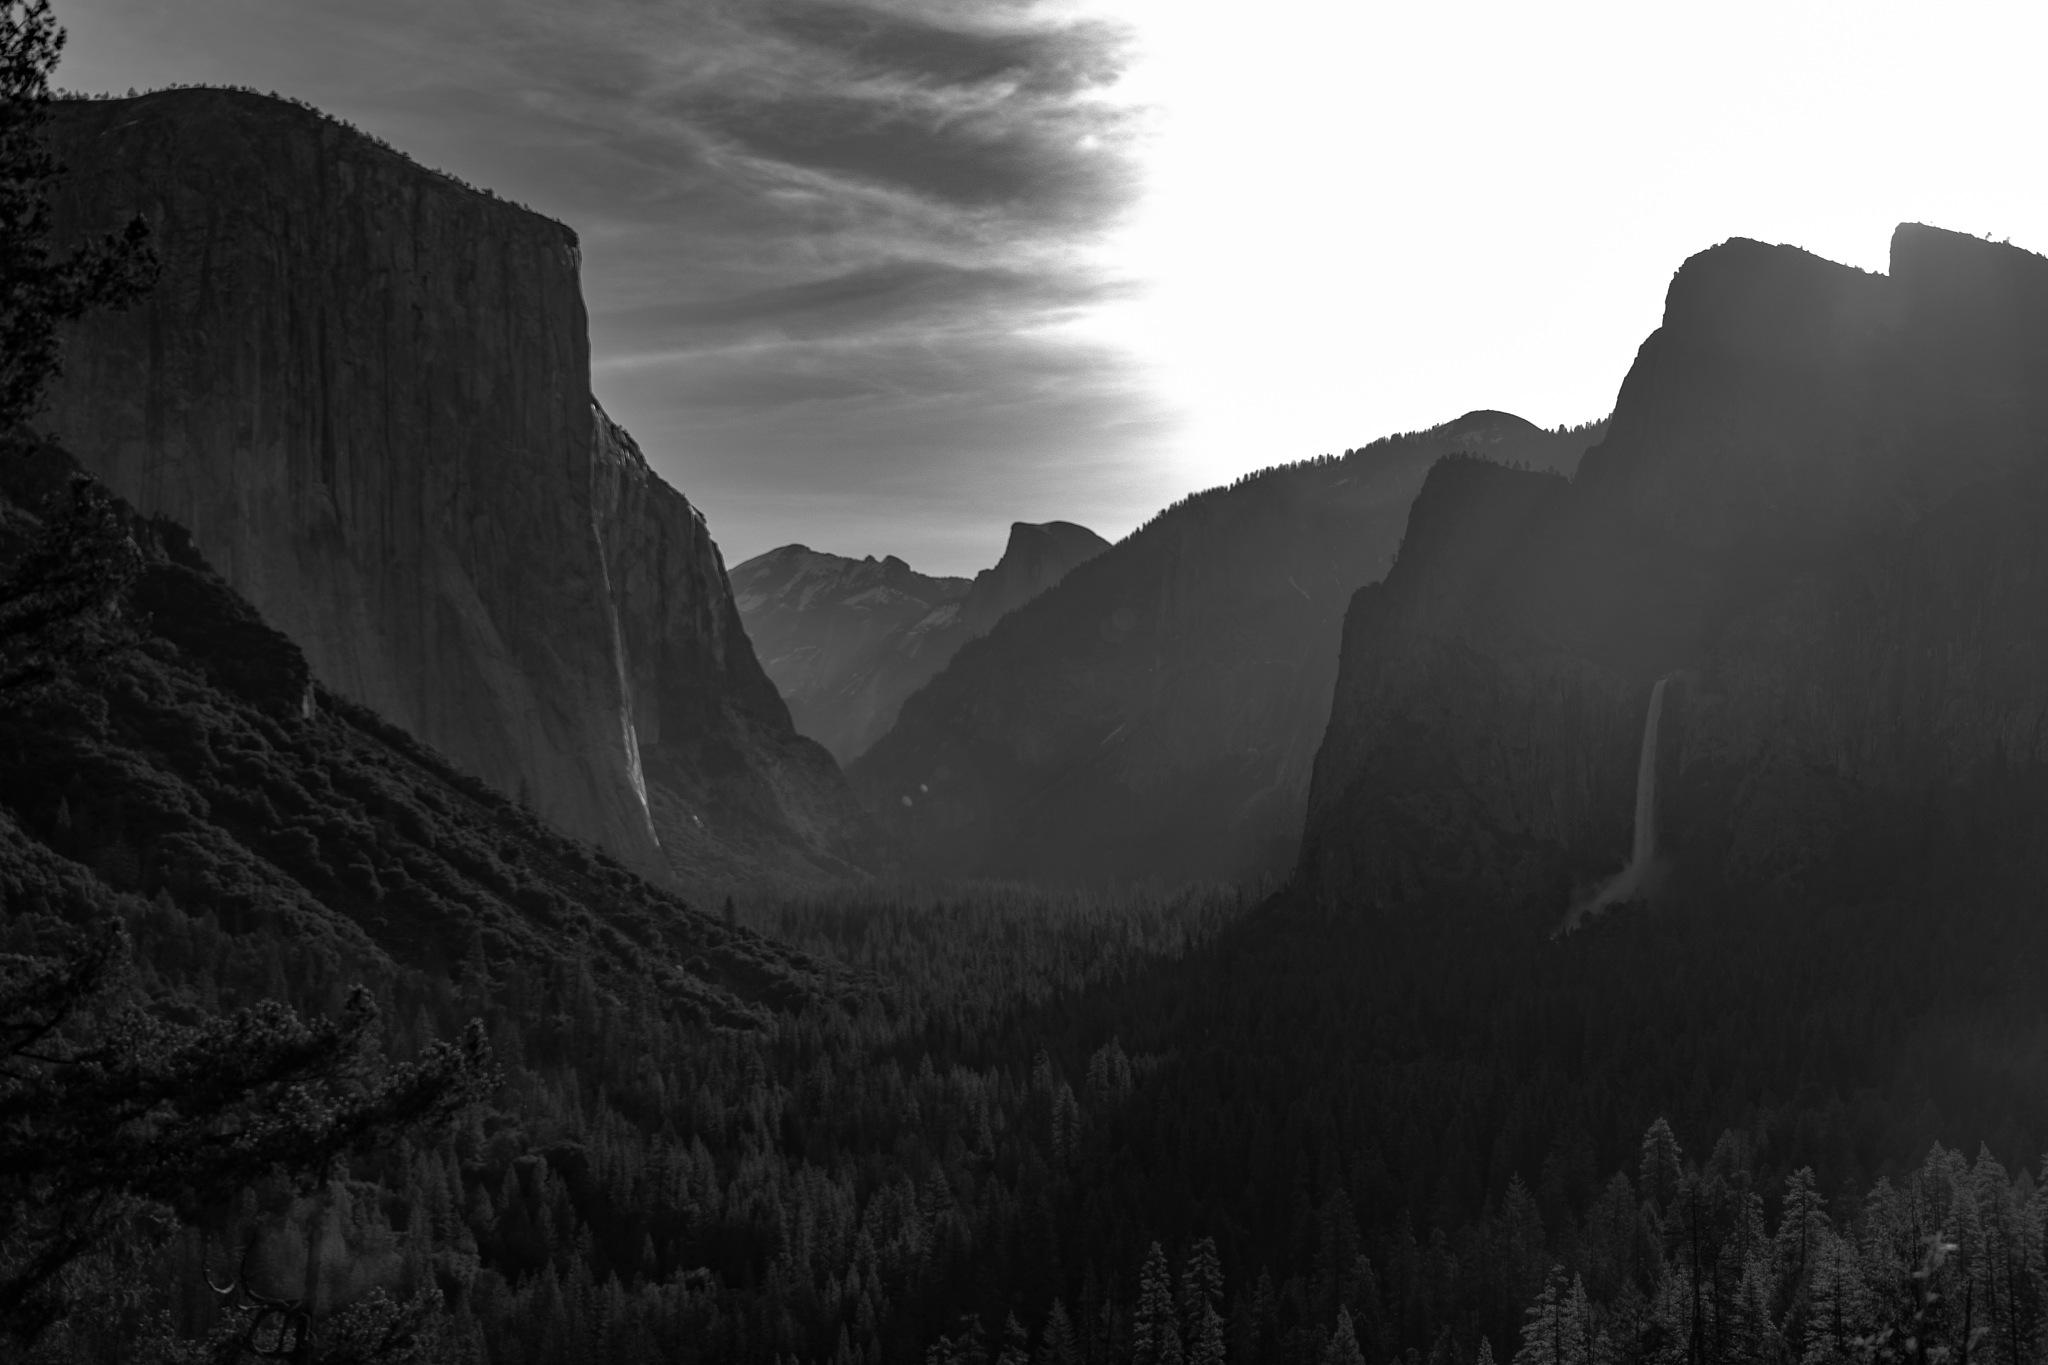 Yosemite wilderness by Harleybroker